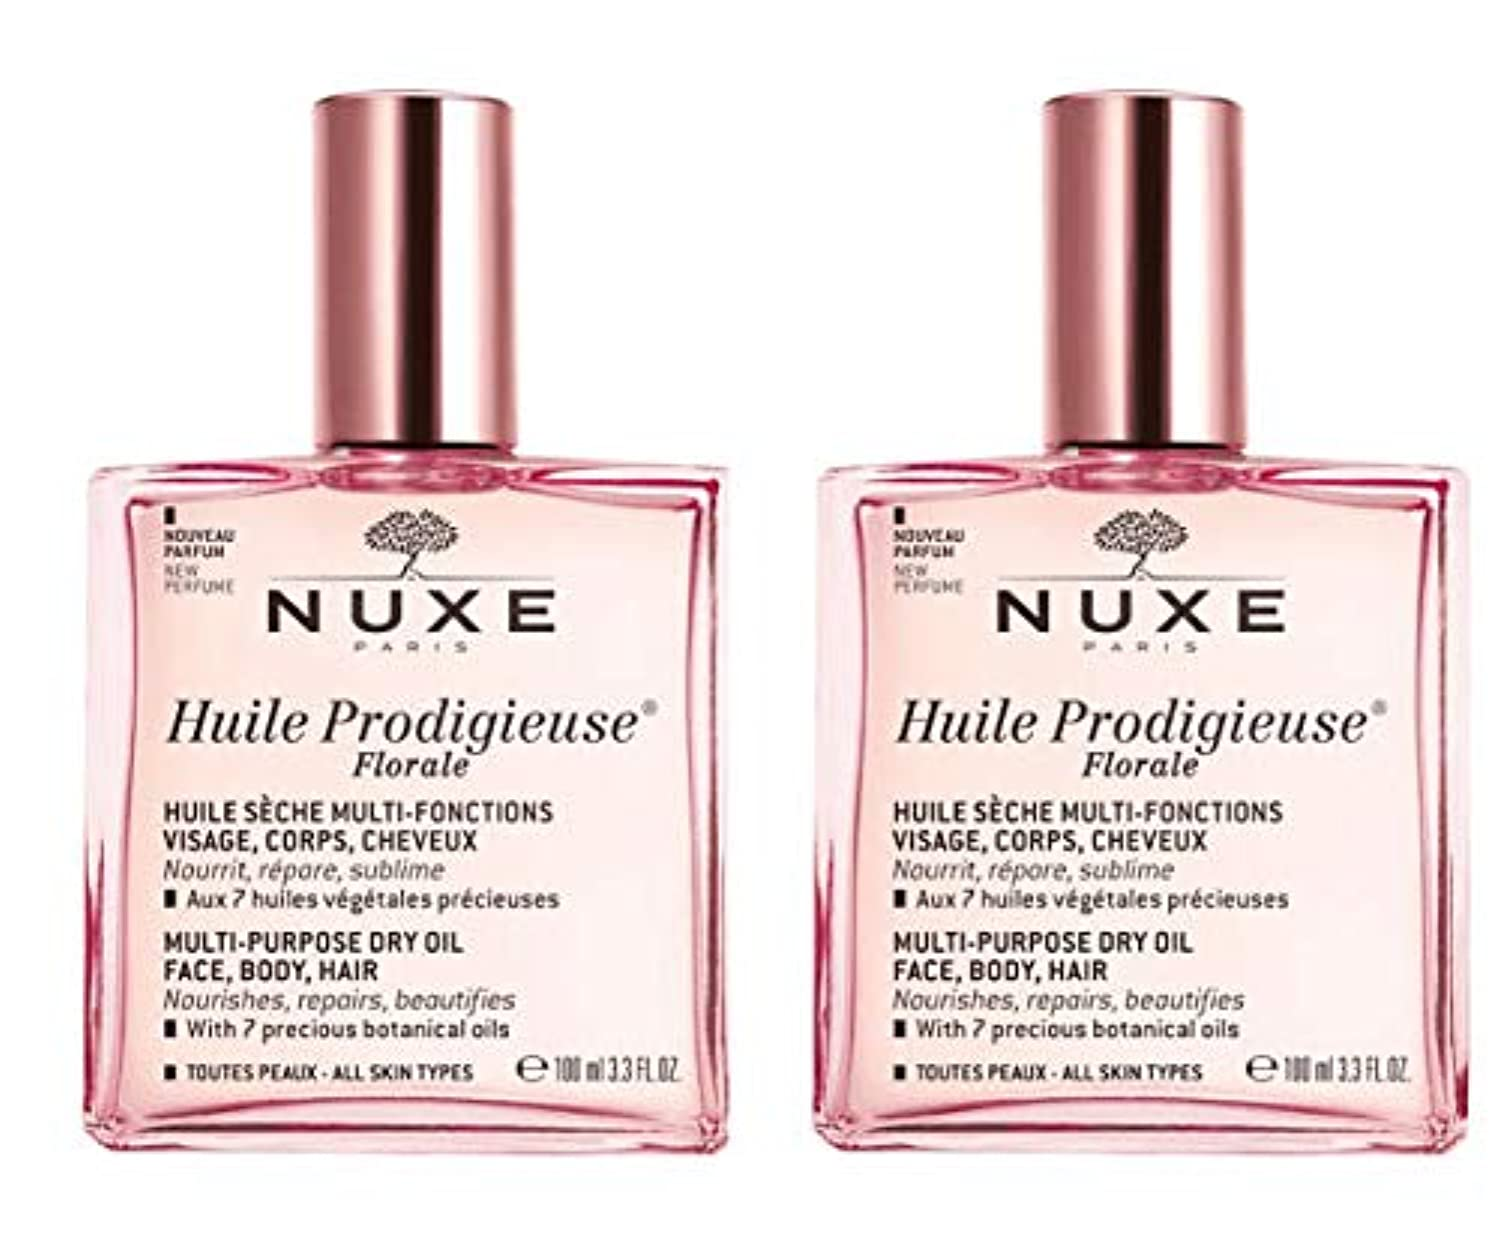 電話化学者必要としているニュクス NUXE プロディジュー フローラルオイル 100ml 2本セット 花の香りと共に新発売 海外直送品